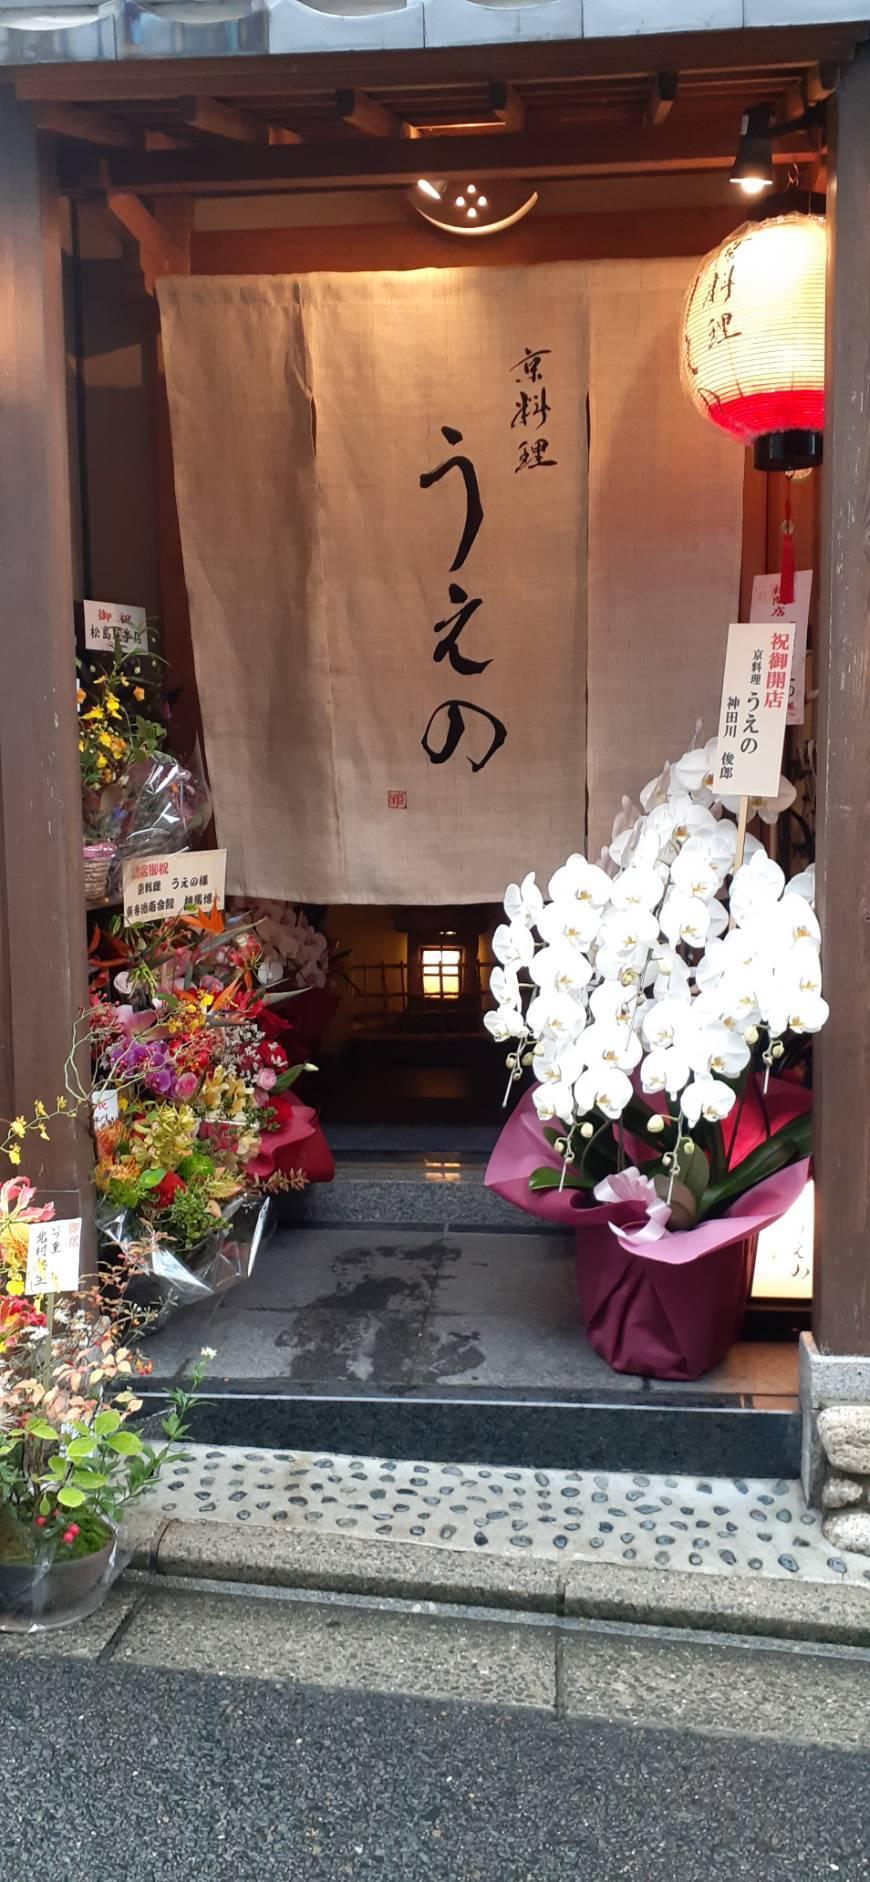 京料理うえのさん、おめでとうございます_b0341759_20400797.jpg